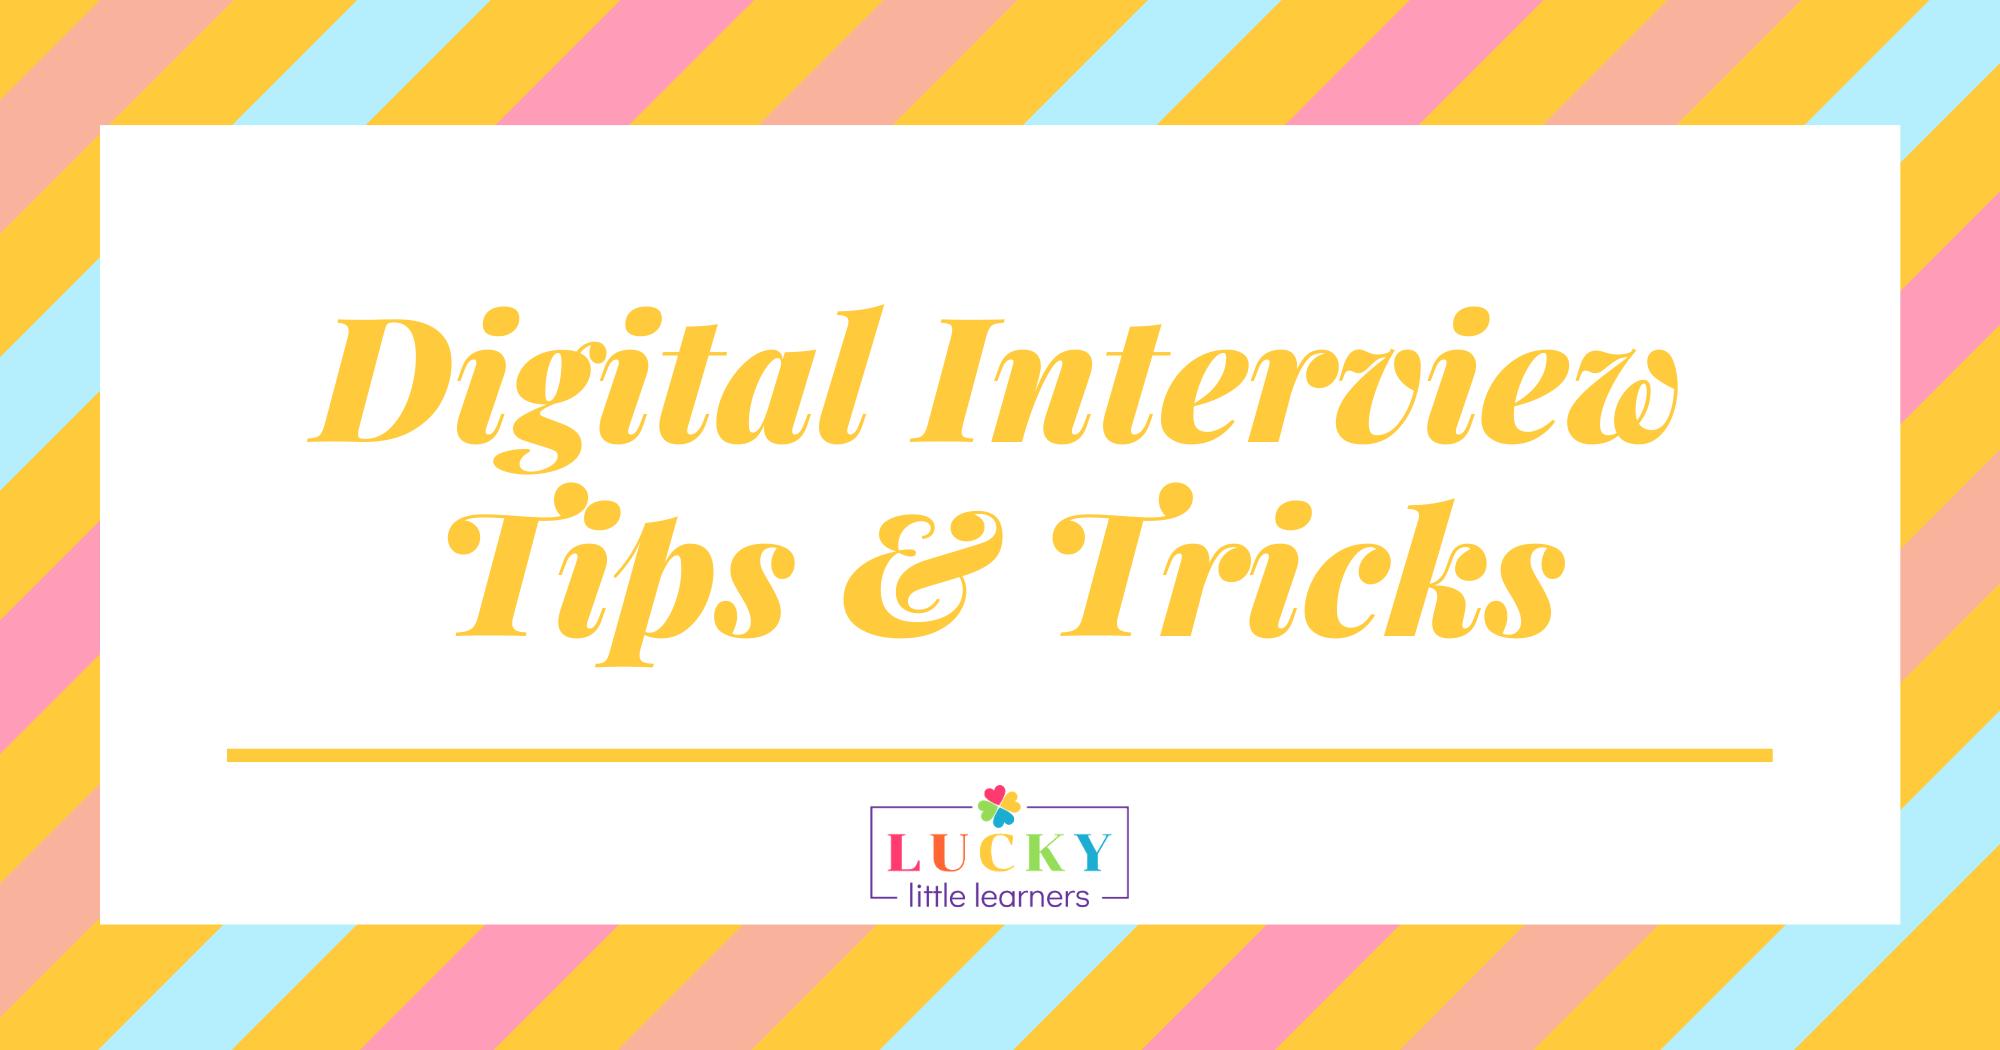 Digital Teacher Interview Tips & Tricks